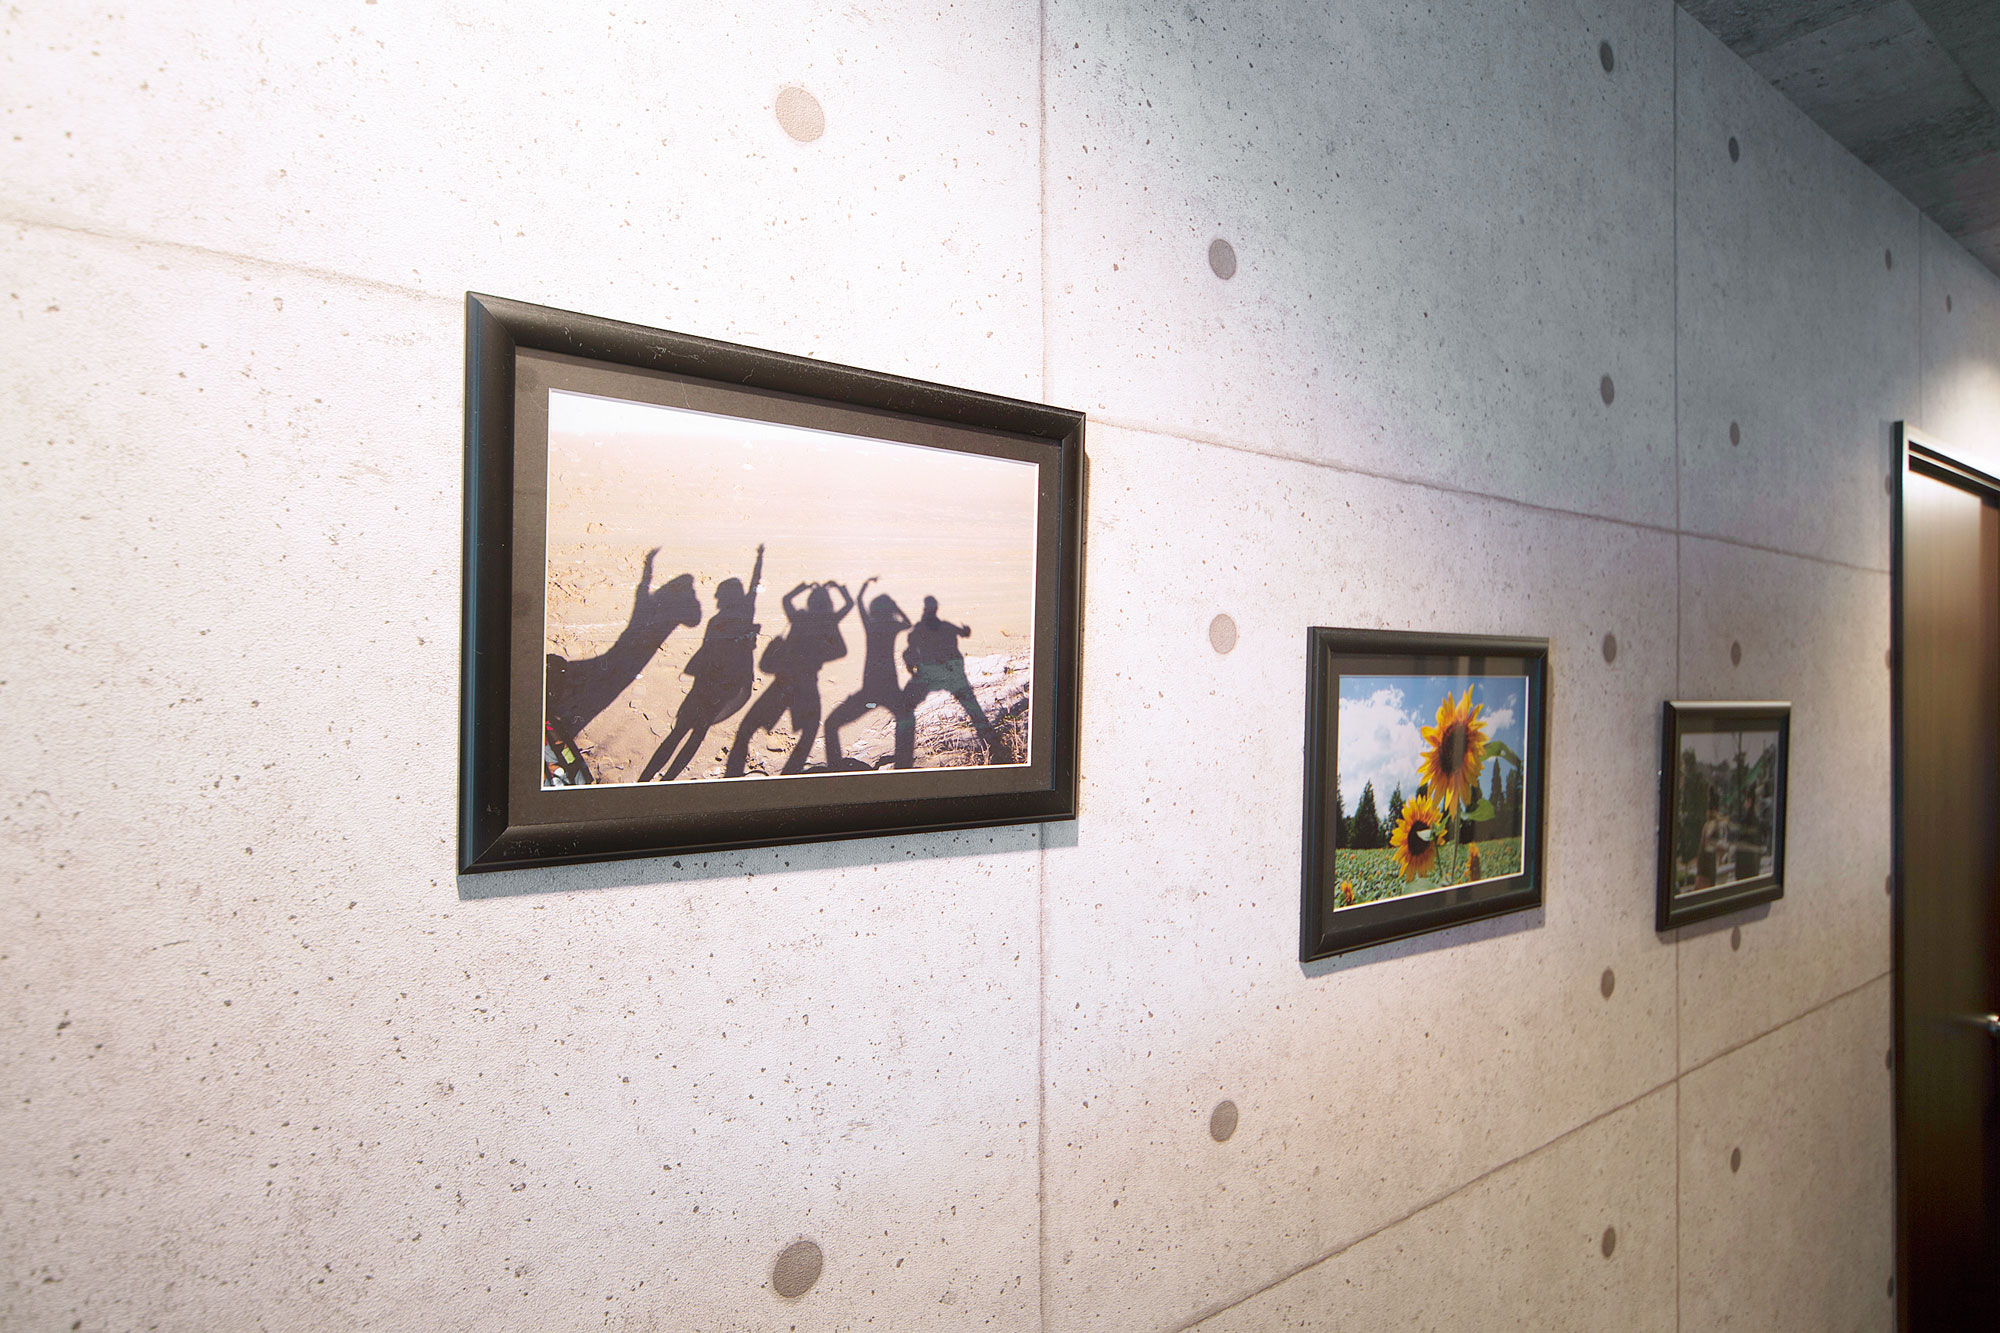 一見すると石を思わせるような廊下の壁はデザインクロス。